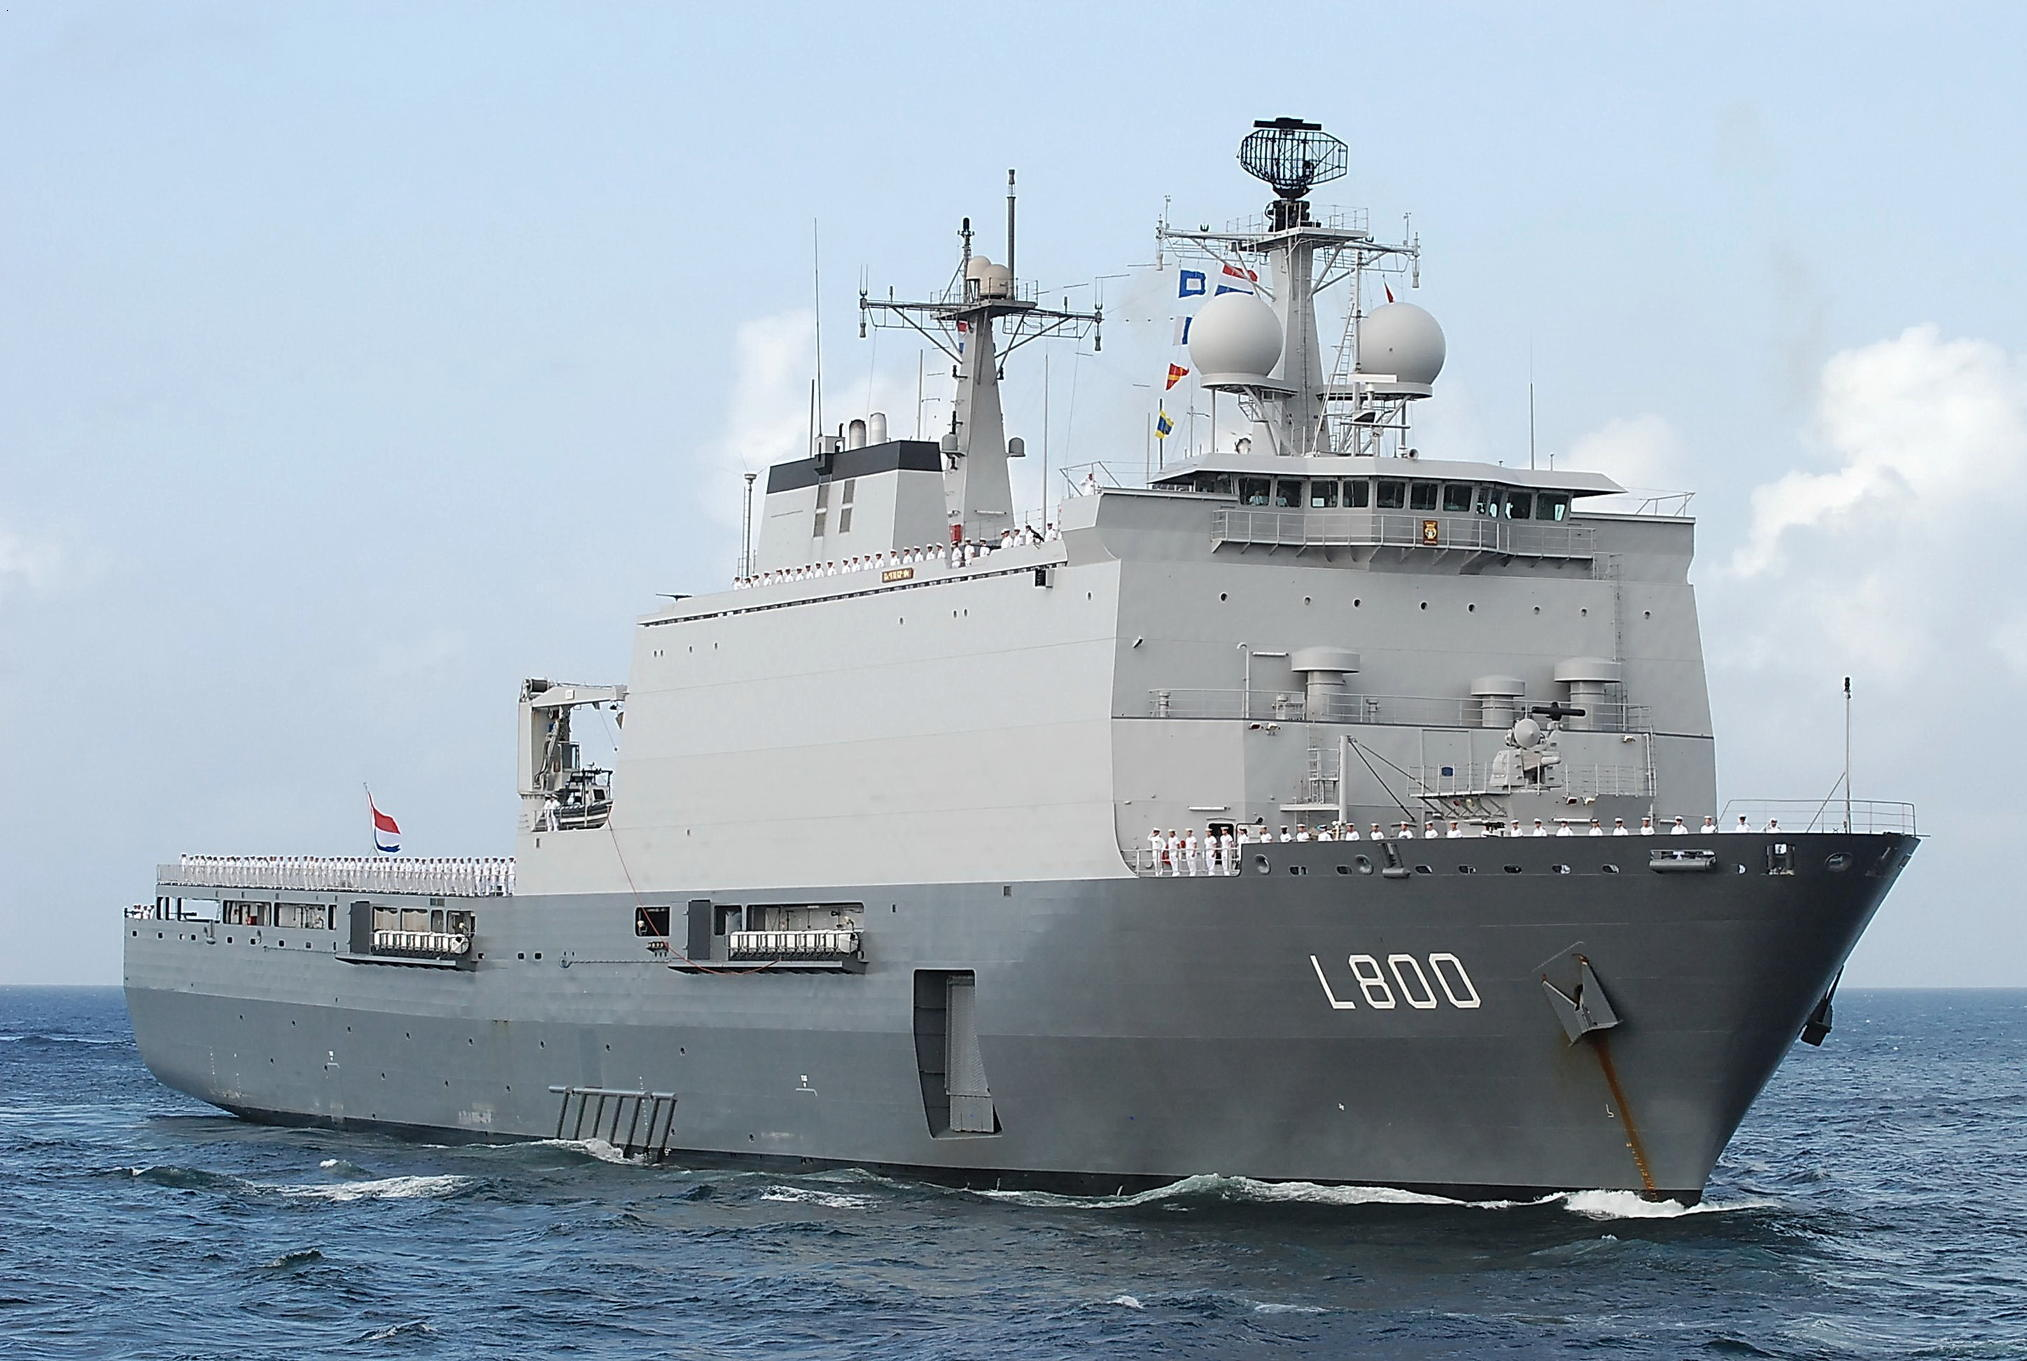 سفن إنزال للمغرب و دول عربية أخرى  B8414d5a2f